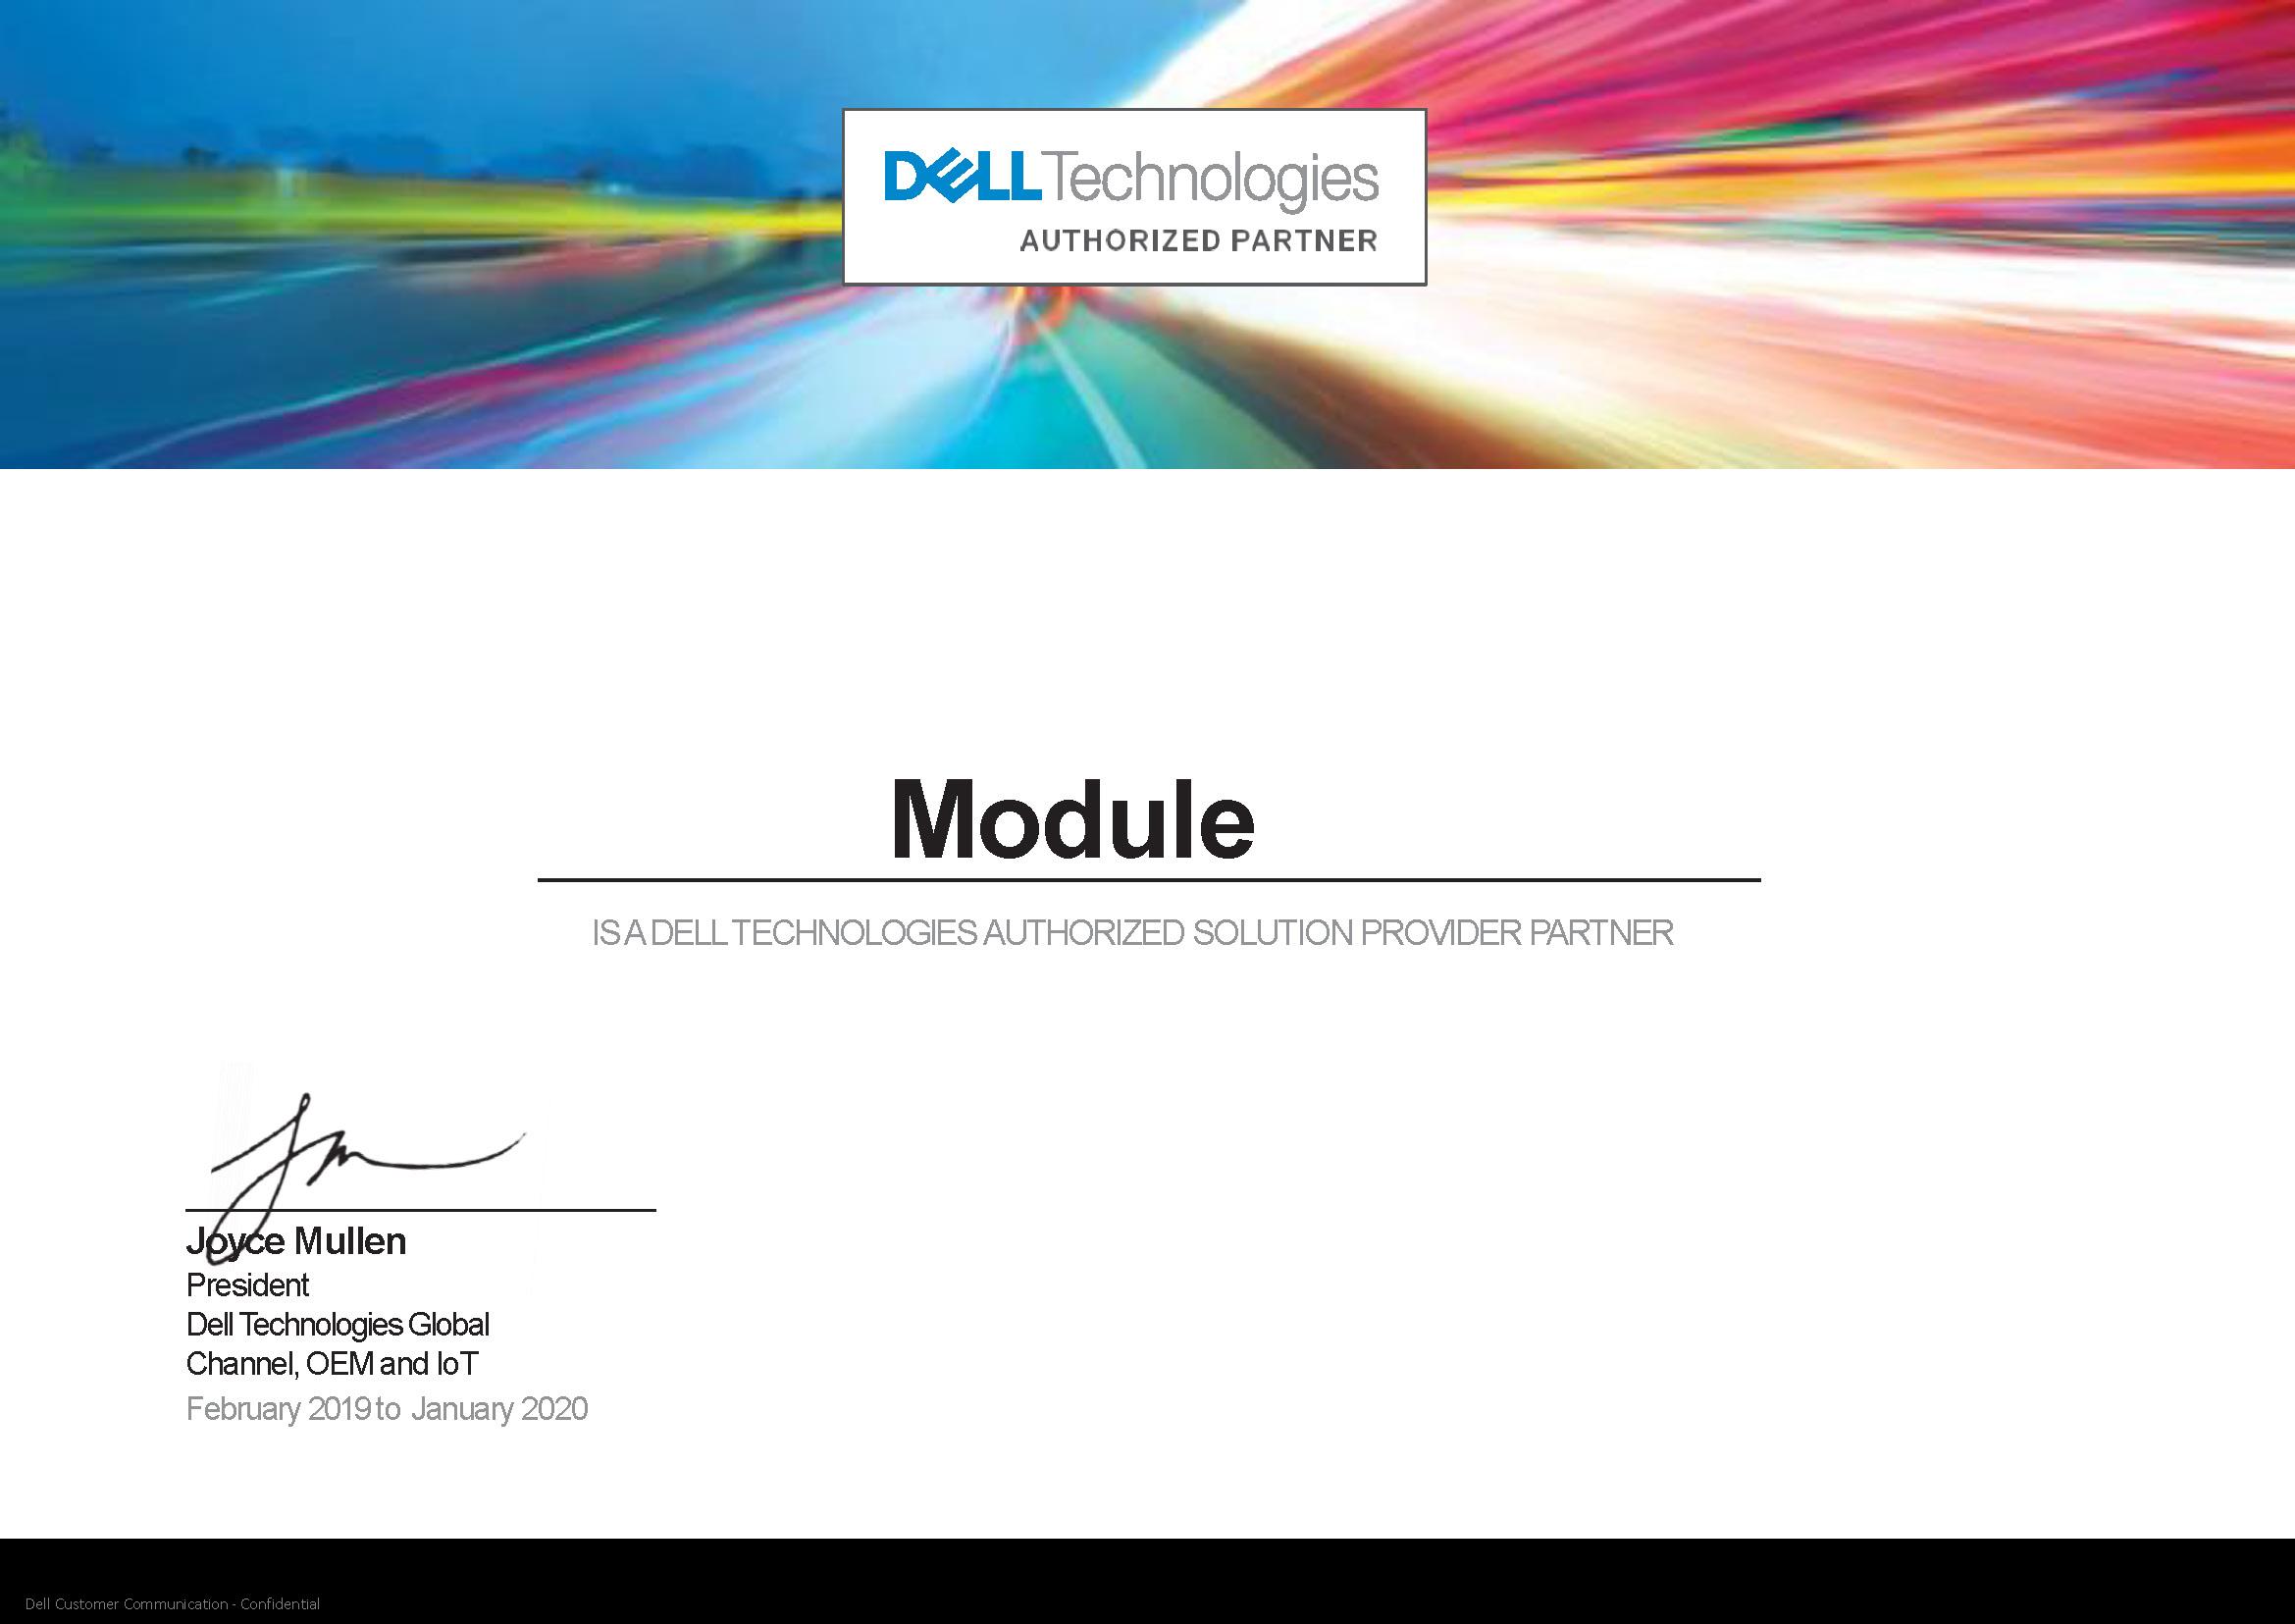 официальный партнер Dell